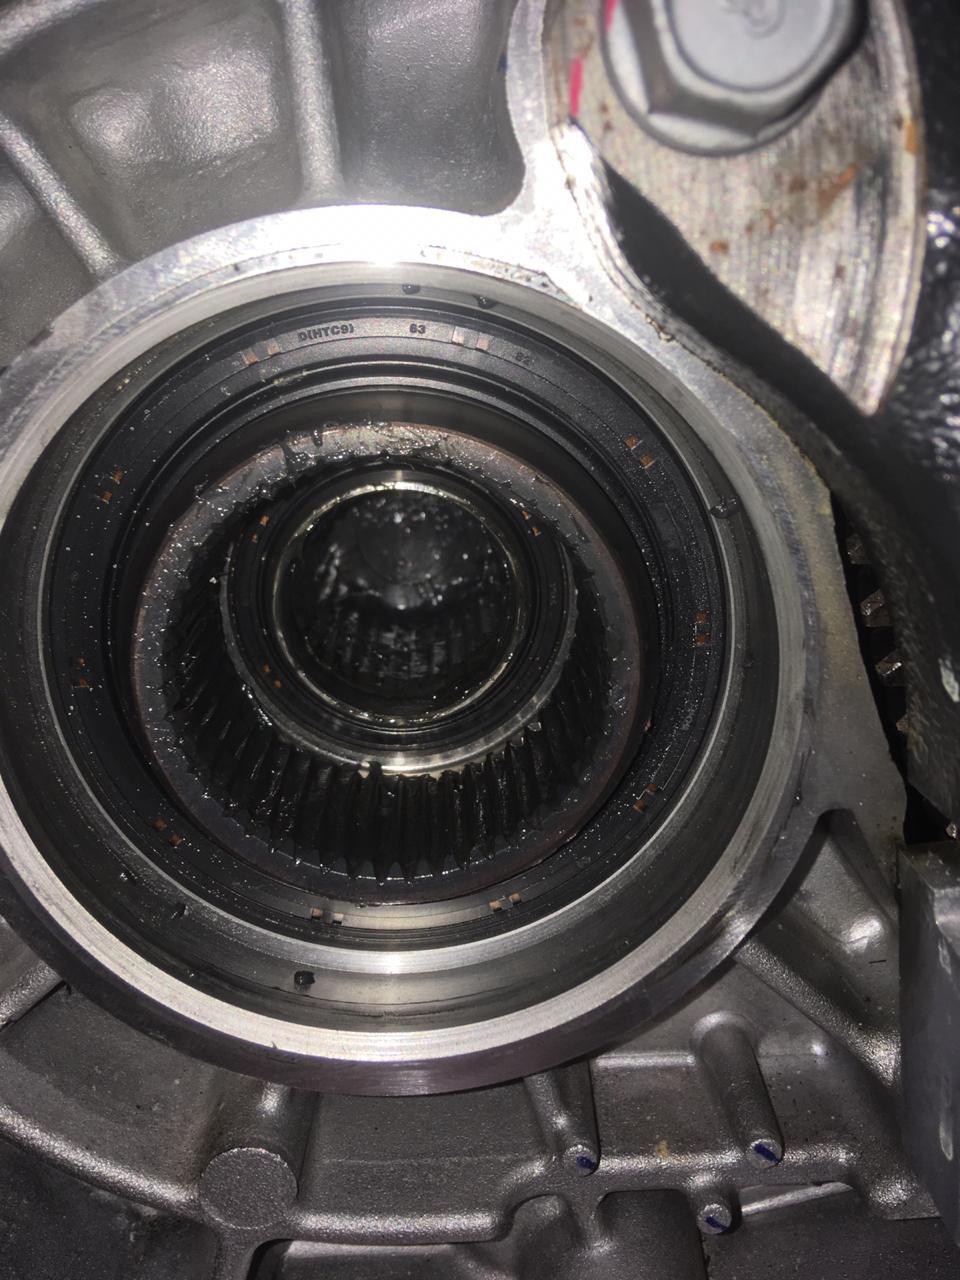 roAAAgJX4uA-960.jpg